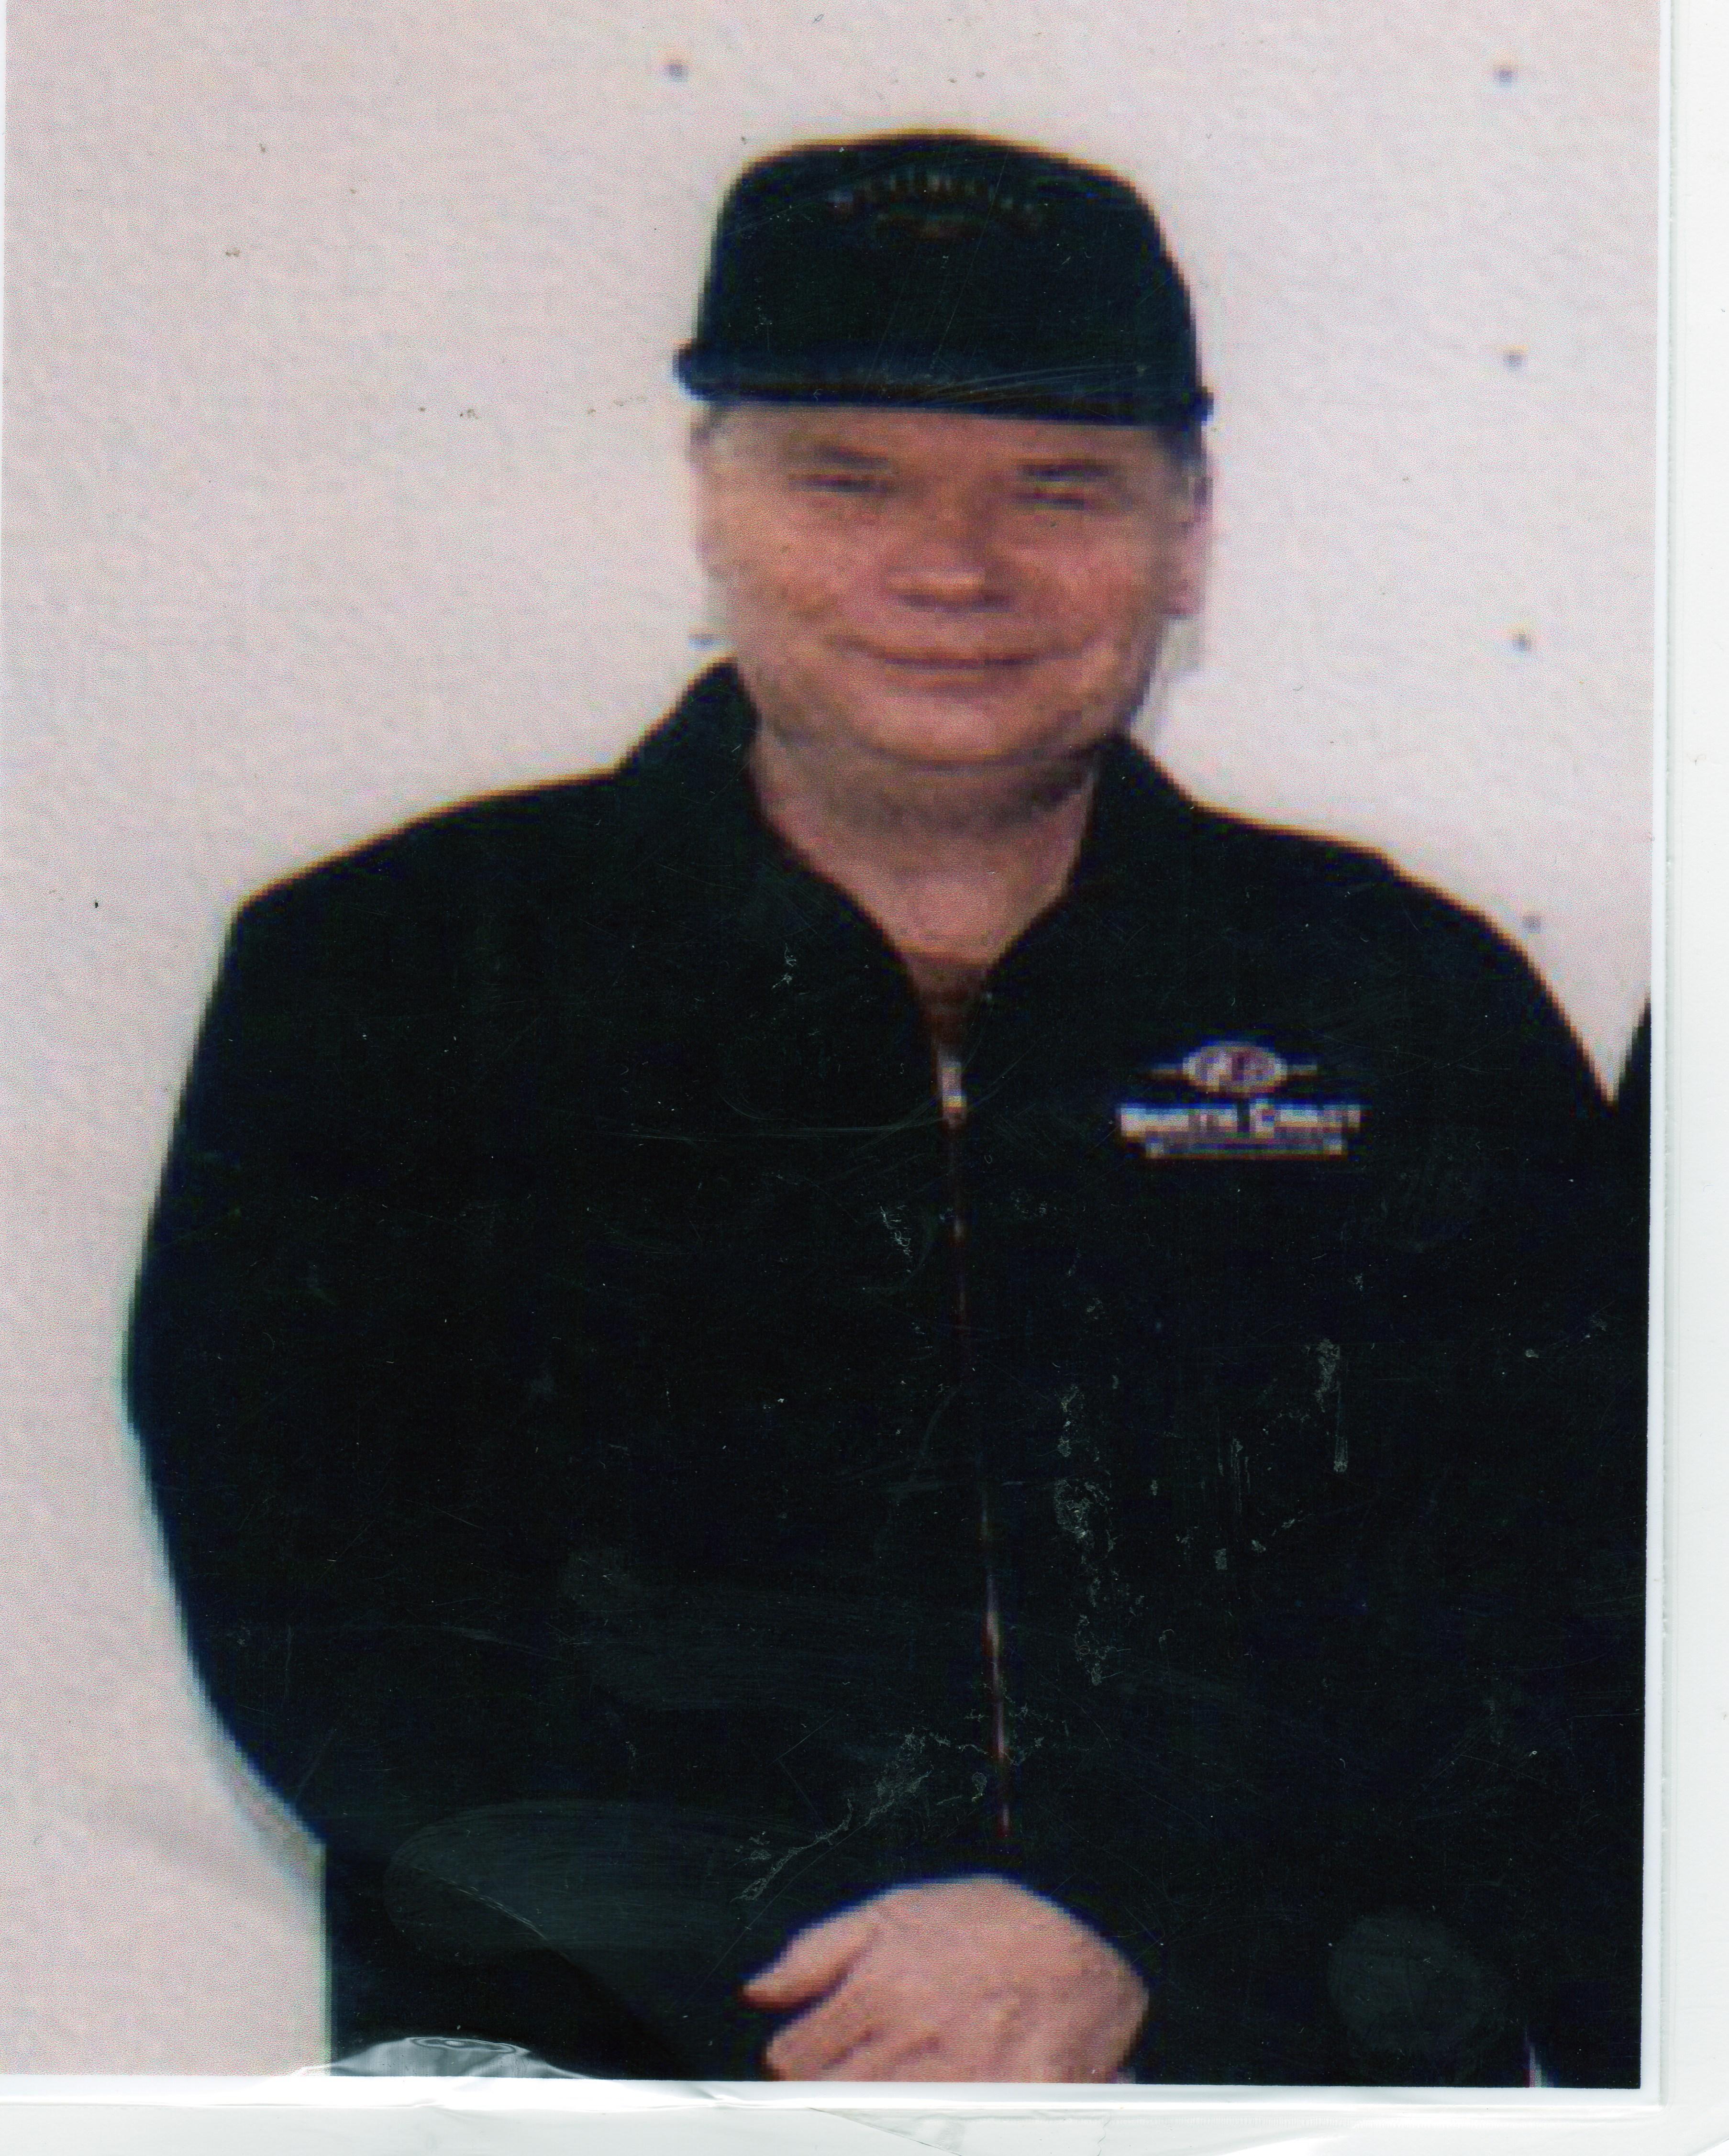 Ronald Zengota